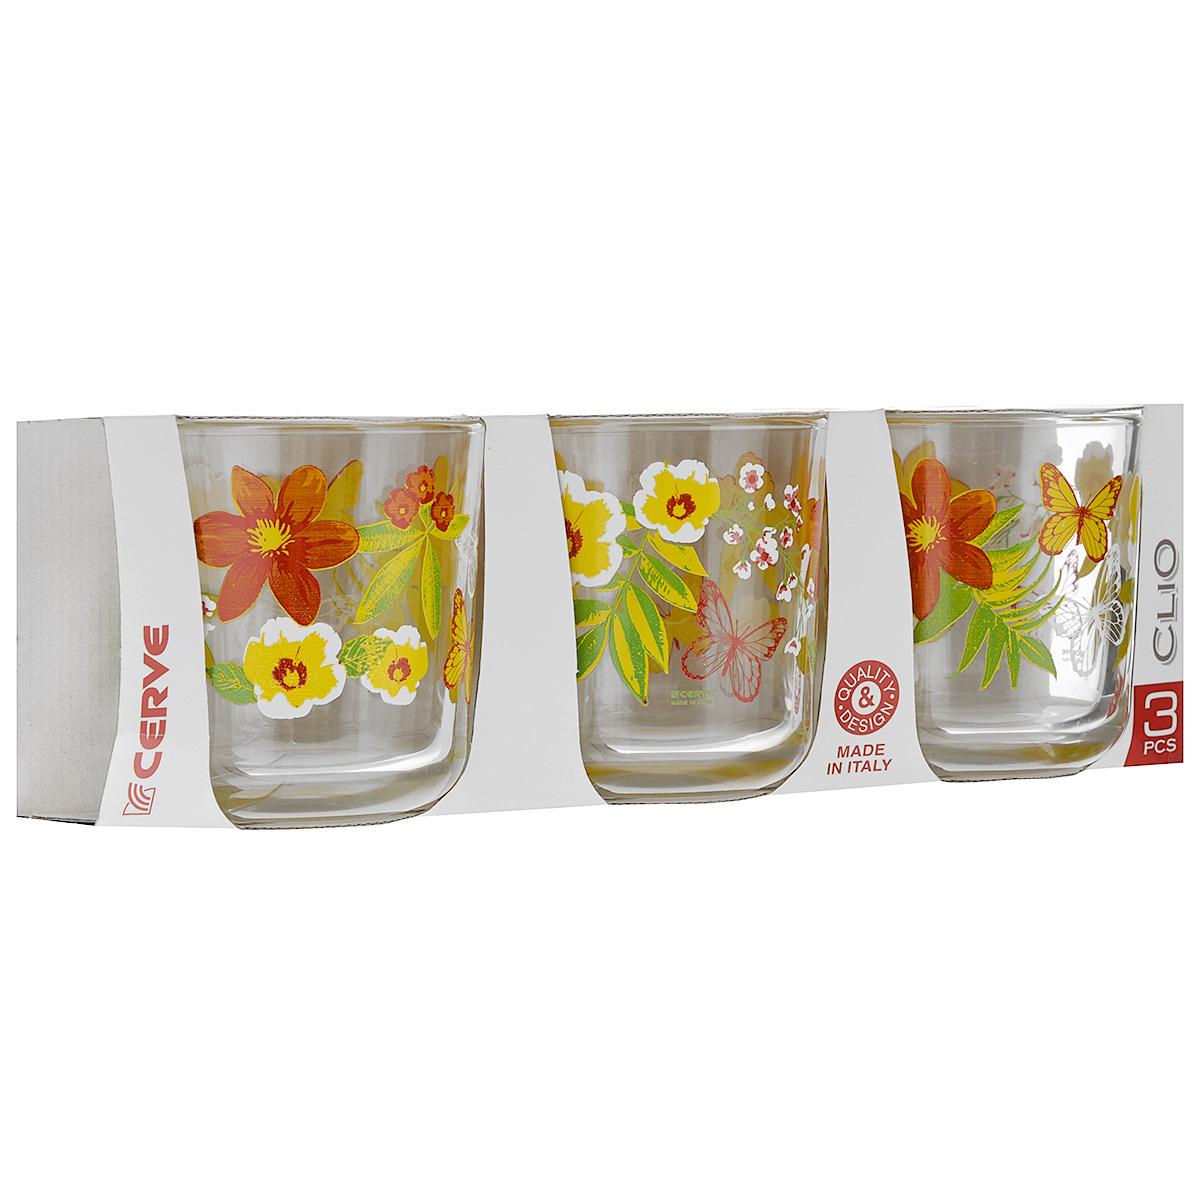 Набор стаканов Cerve Мираж, 280 мл, 3 штCEM50740Набор Cerve Мираж состоит из 3 стаканов, изготовленных из высококачественного стекла. Изделия оформлены изображениями цветов. Такой набор идеально подойдет для сервировки стола и станет отличным подарком к любому празднику. Разрешается мыть в посудомоечной машине. Диаметр стакана (по верхнему краю): 8 см. Высота стакана: 8,5 см.